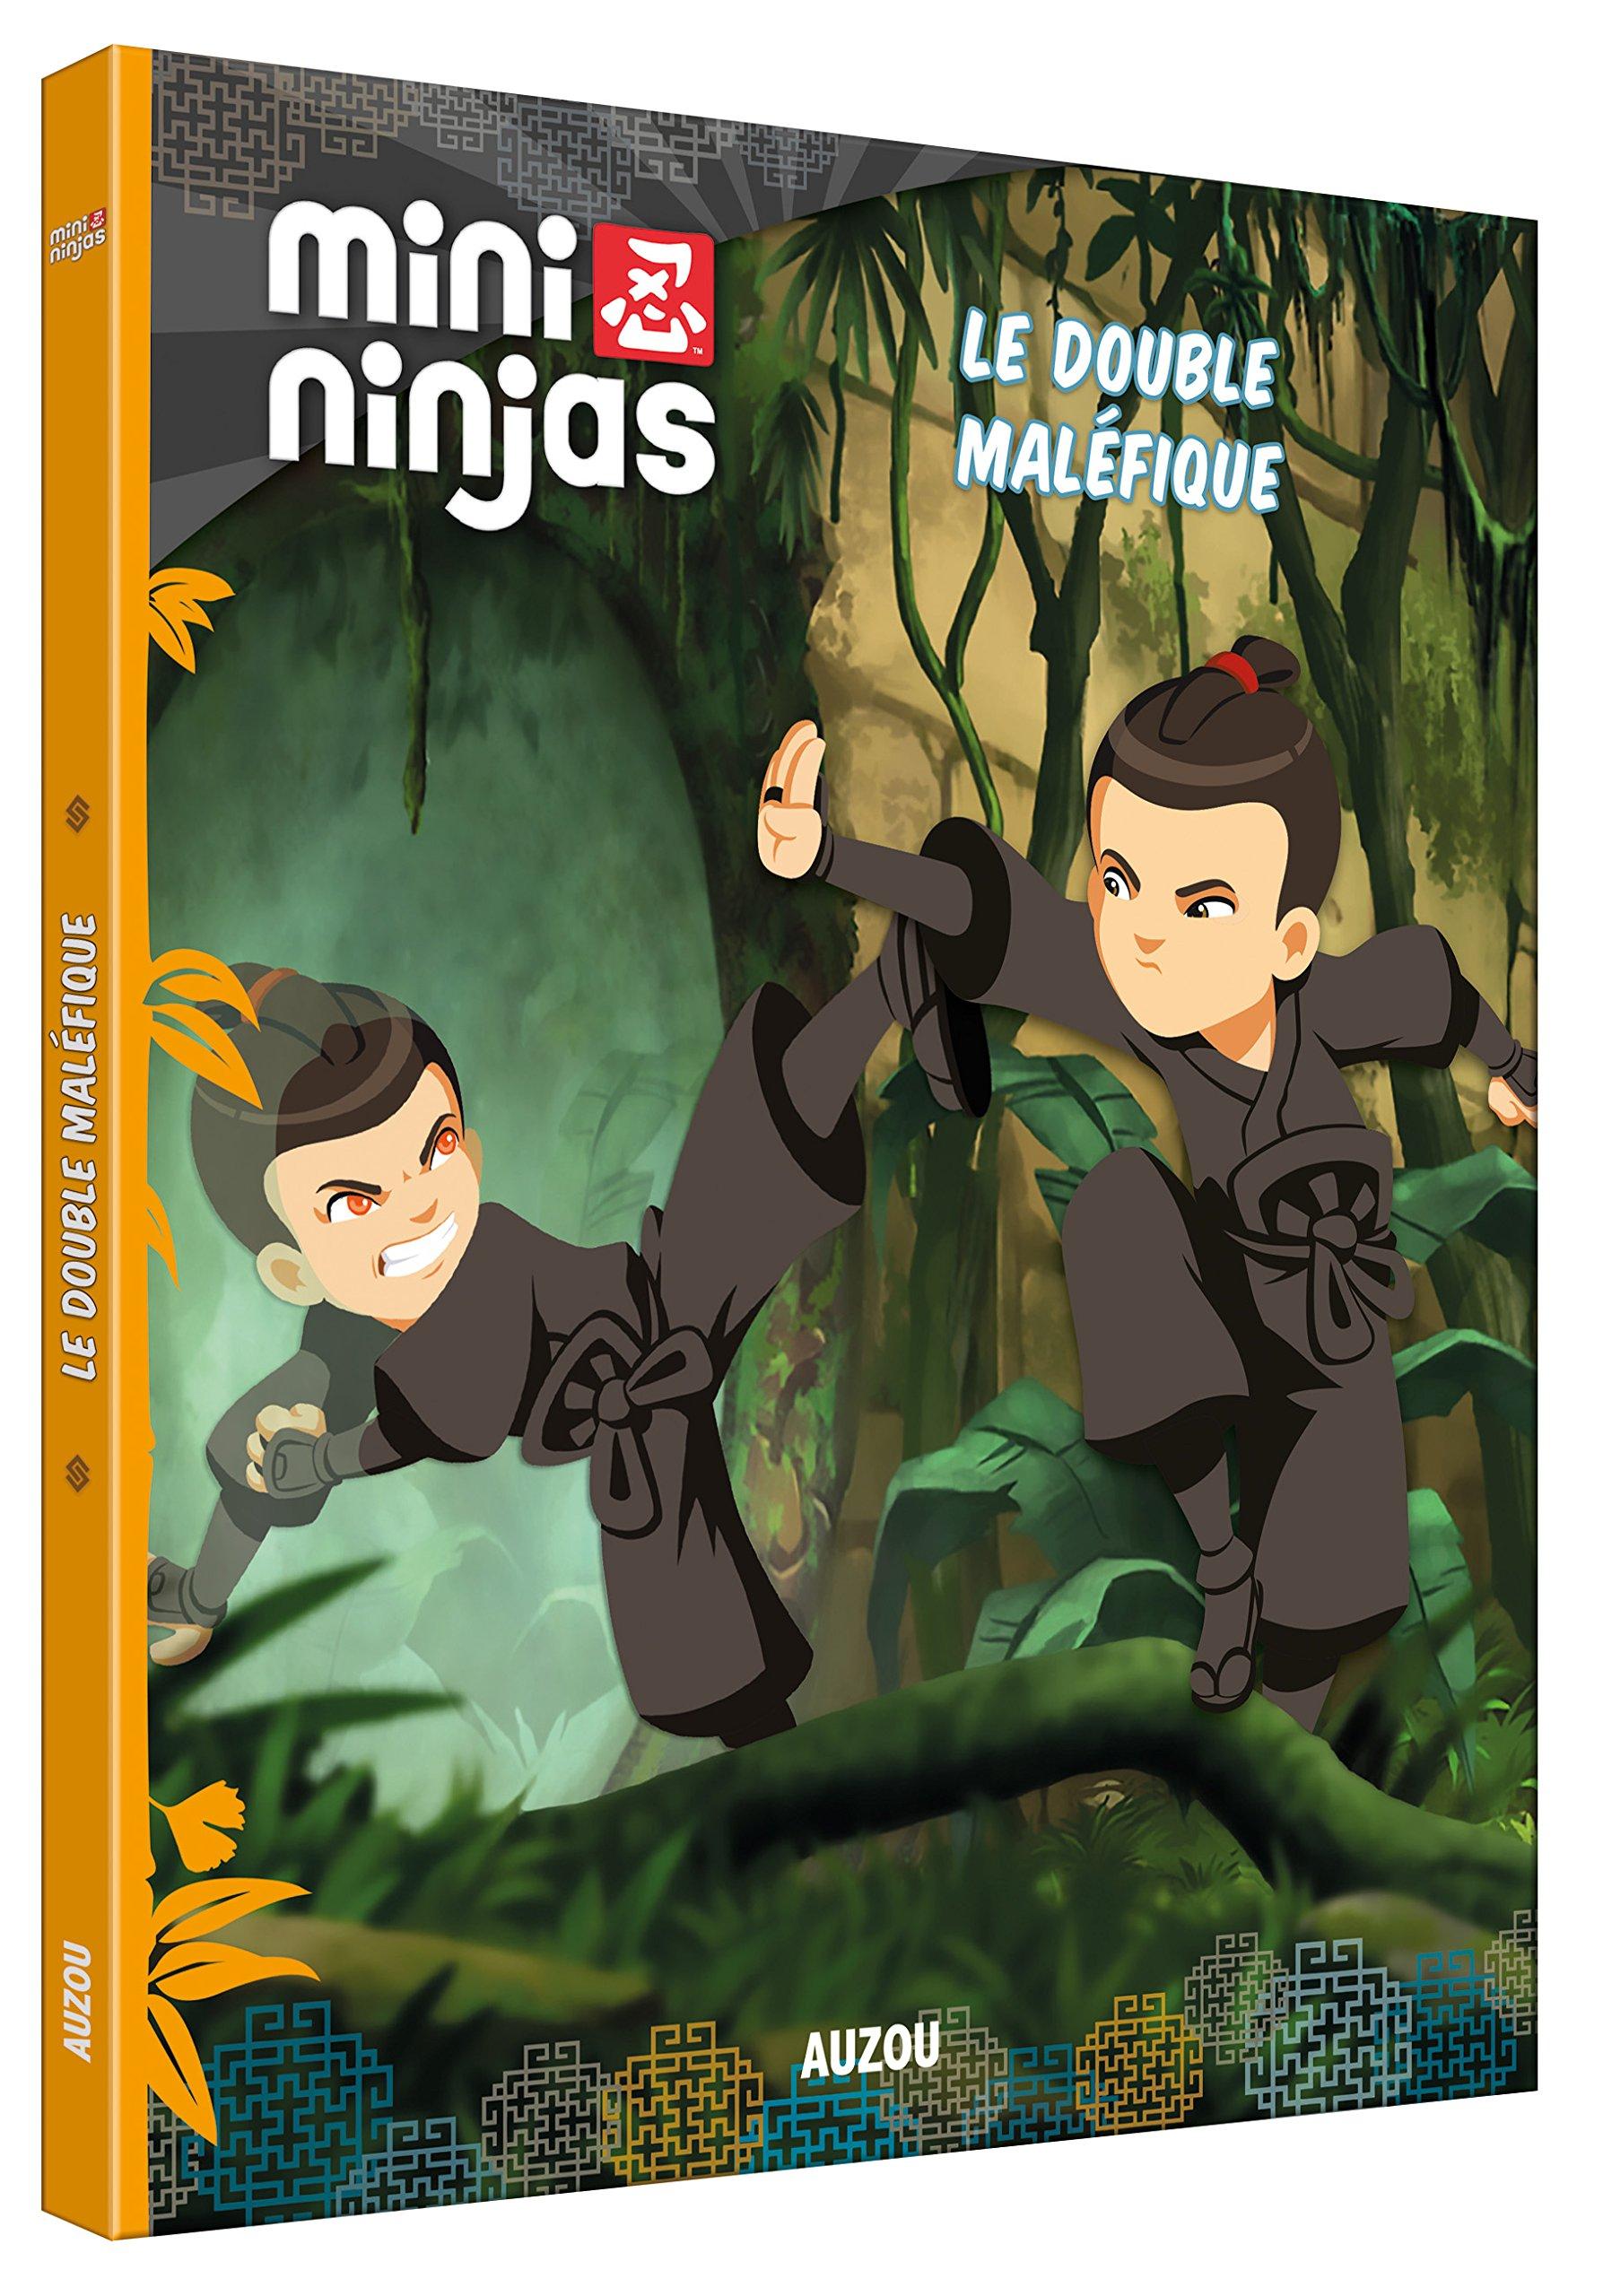 Mini ninjas - le double malefique (album n 4): Amazon.es ...